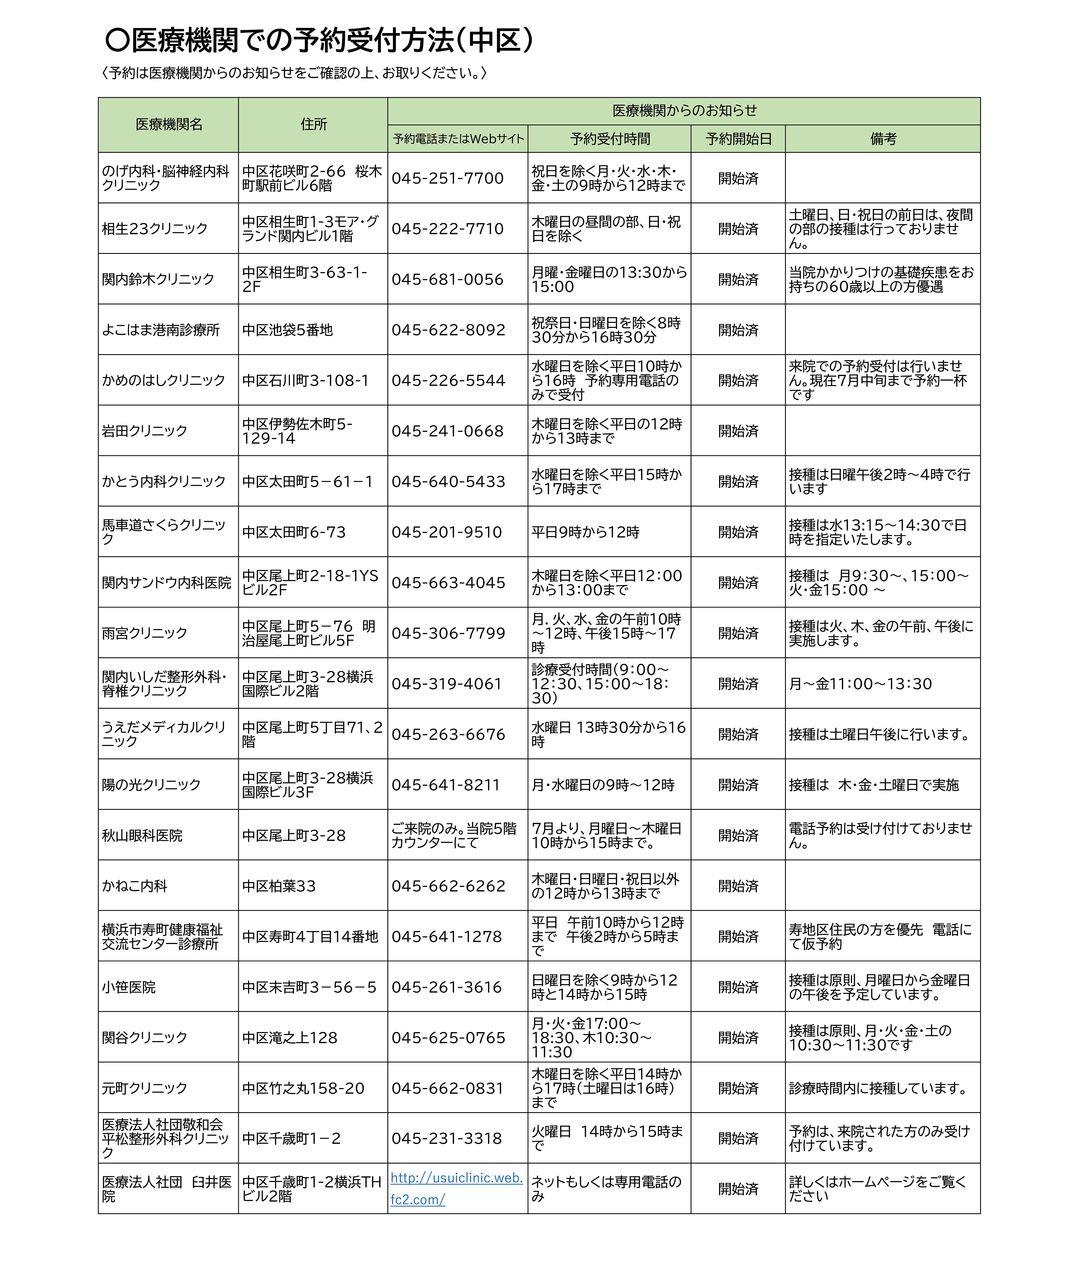 新型コロナウイルスワクチン 横浜市中区 医療機関 個別接種 予約方法